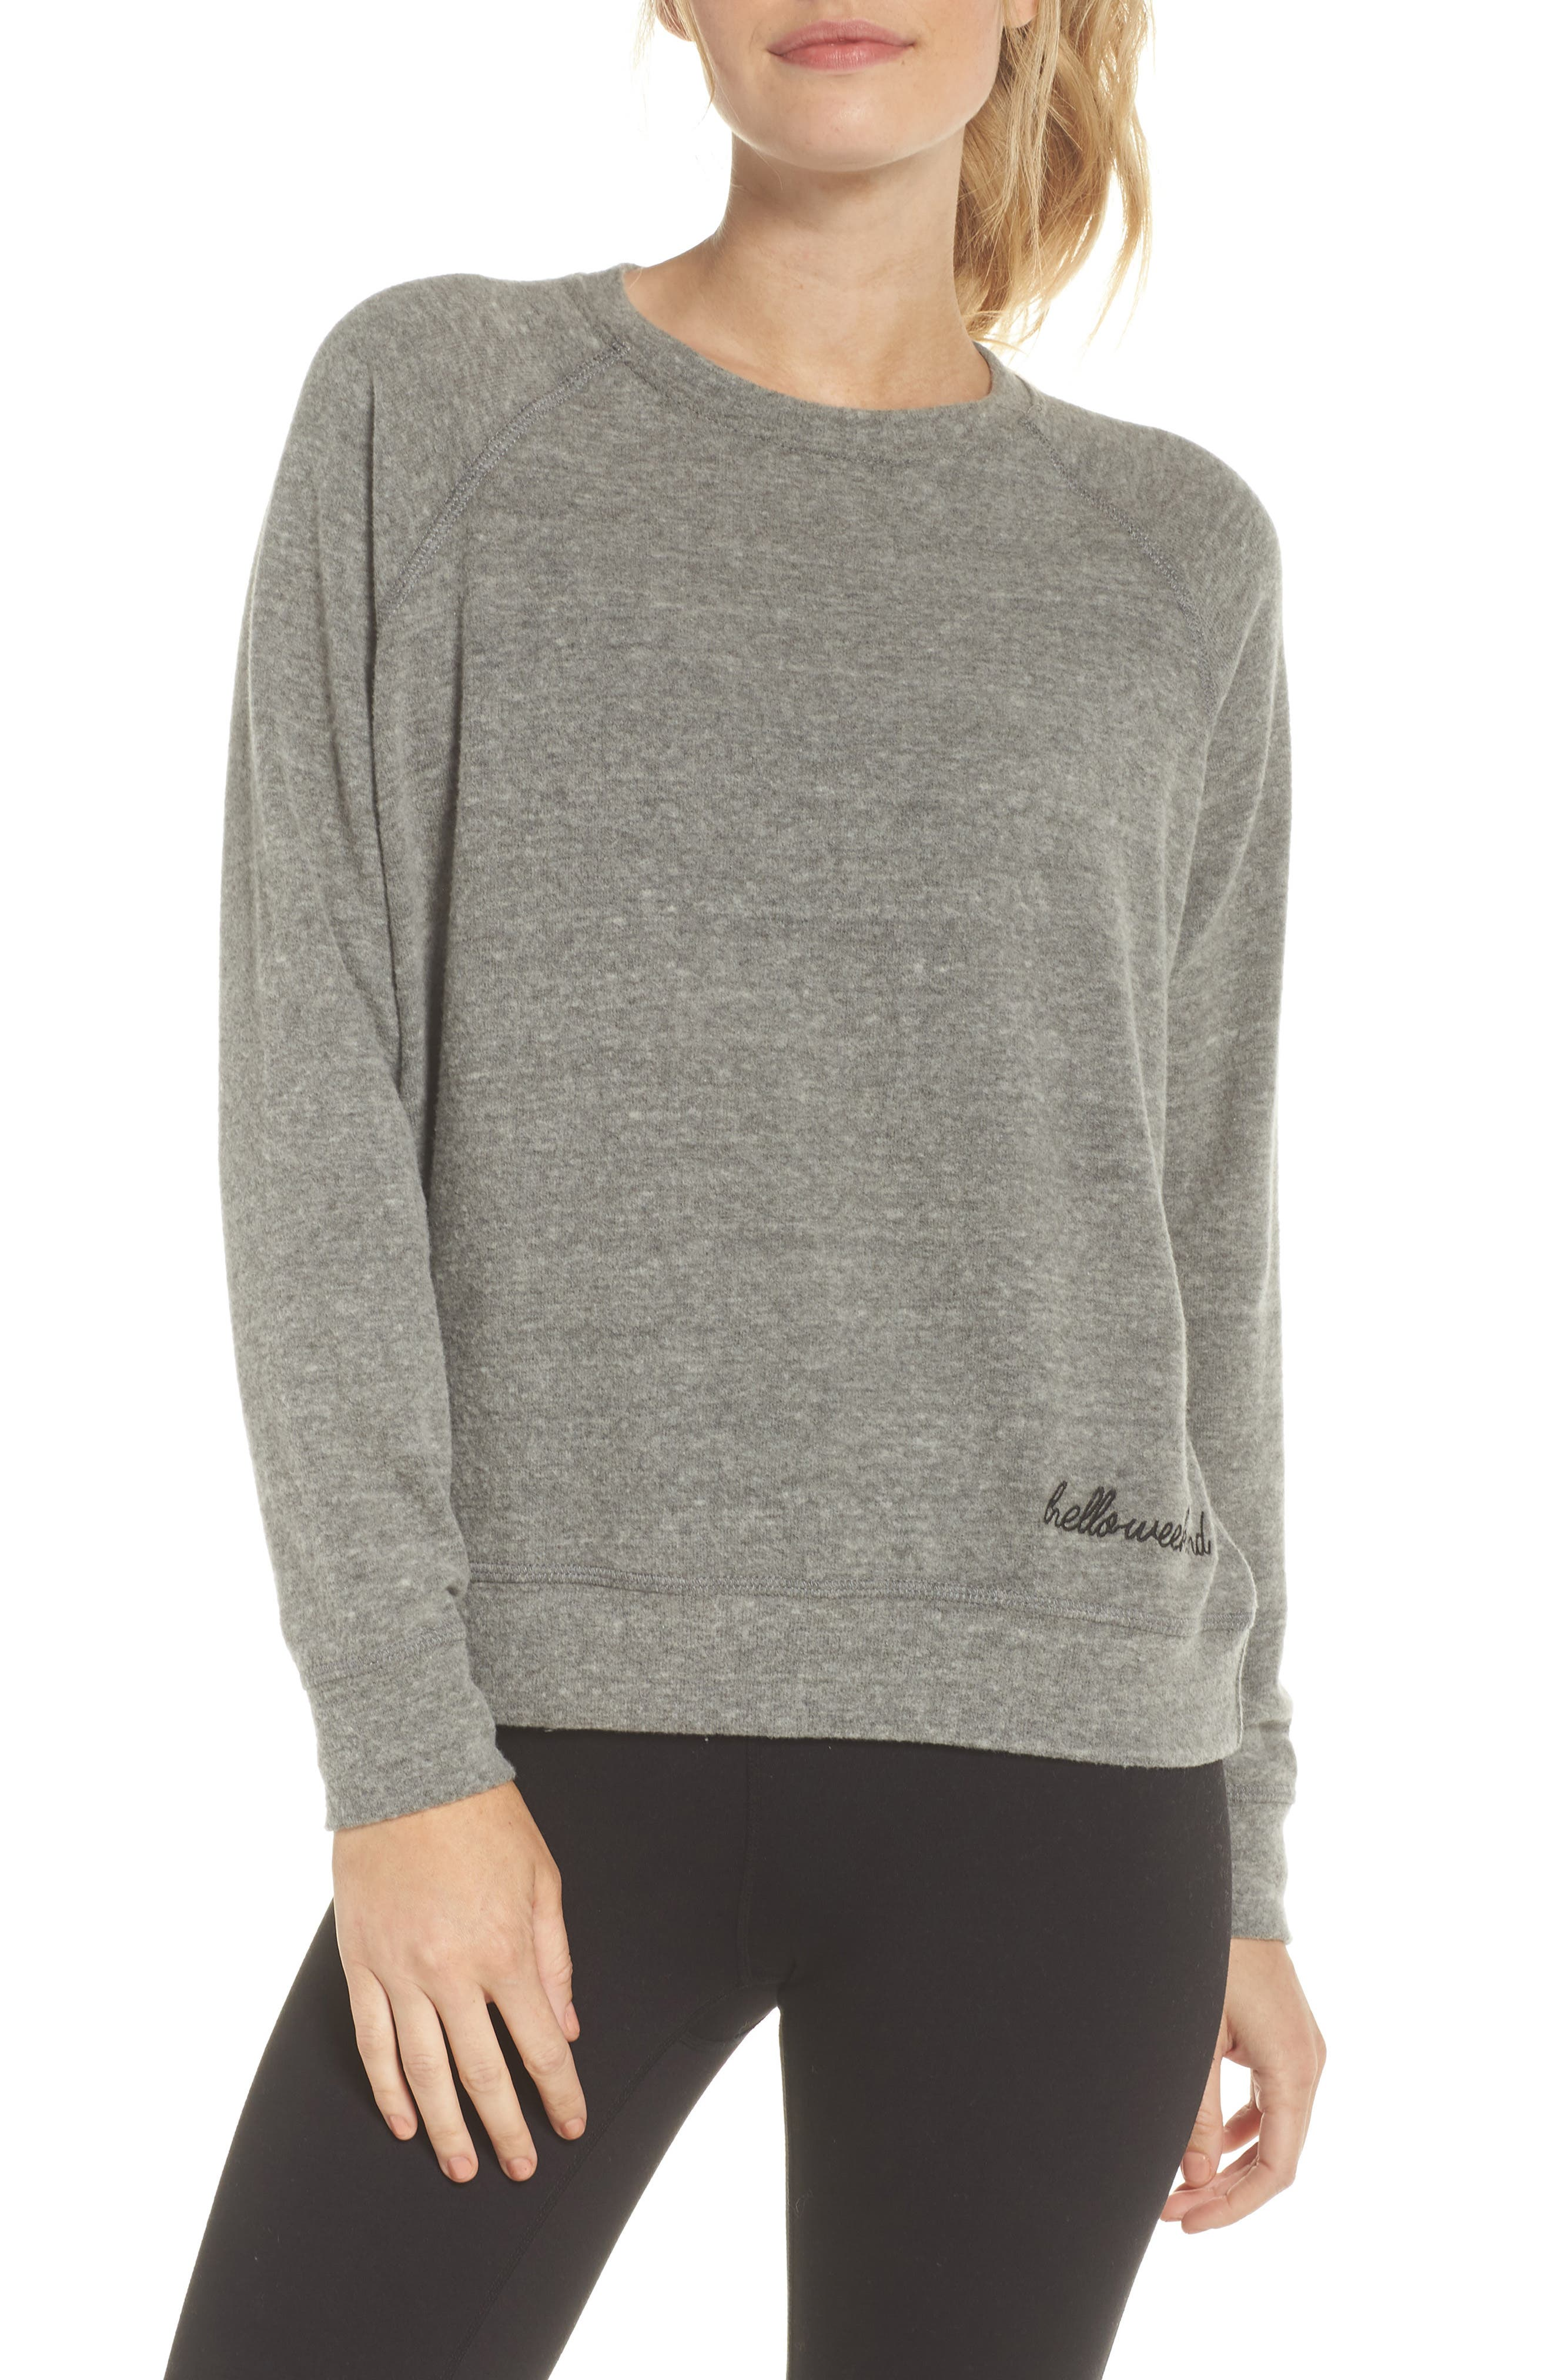 Roselynn Hello, Weekend Sweatshirt,                             Main thumbnail 1, color,                             020